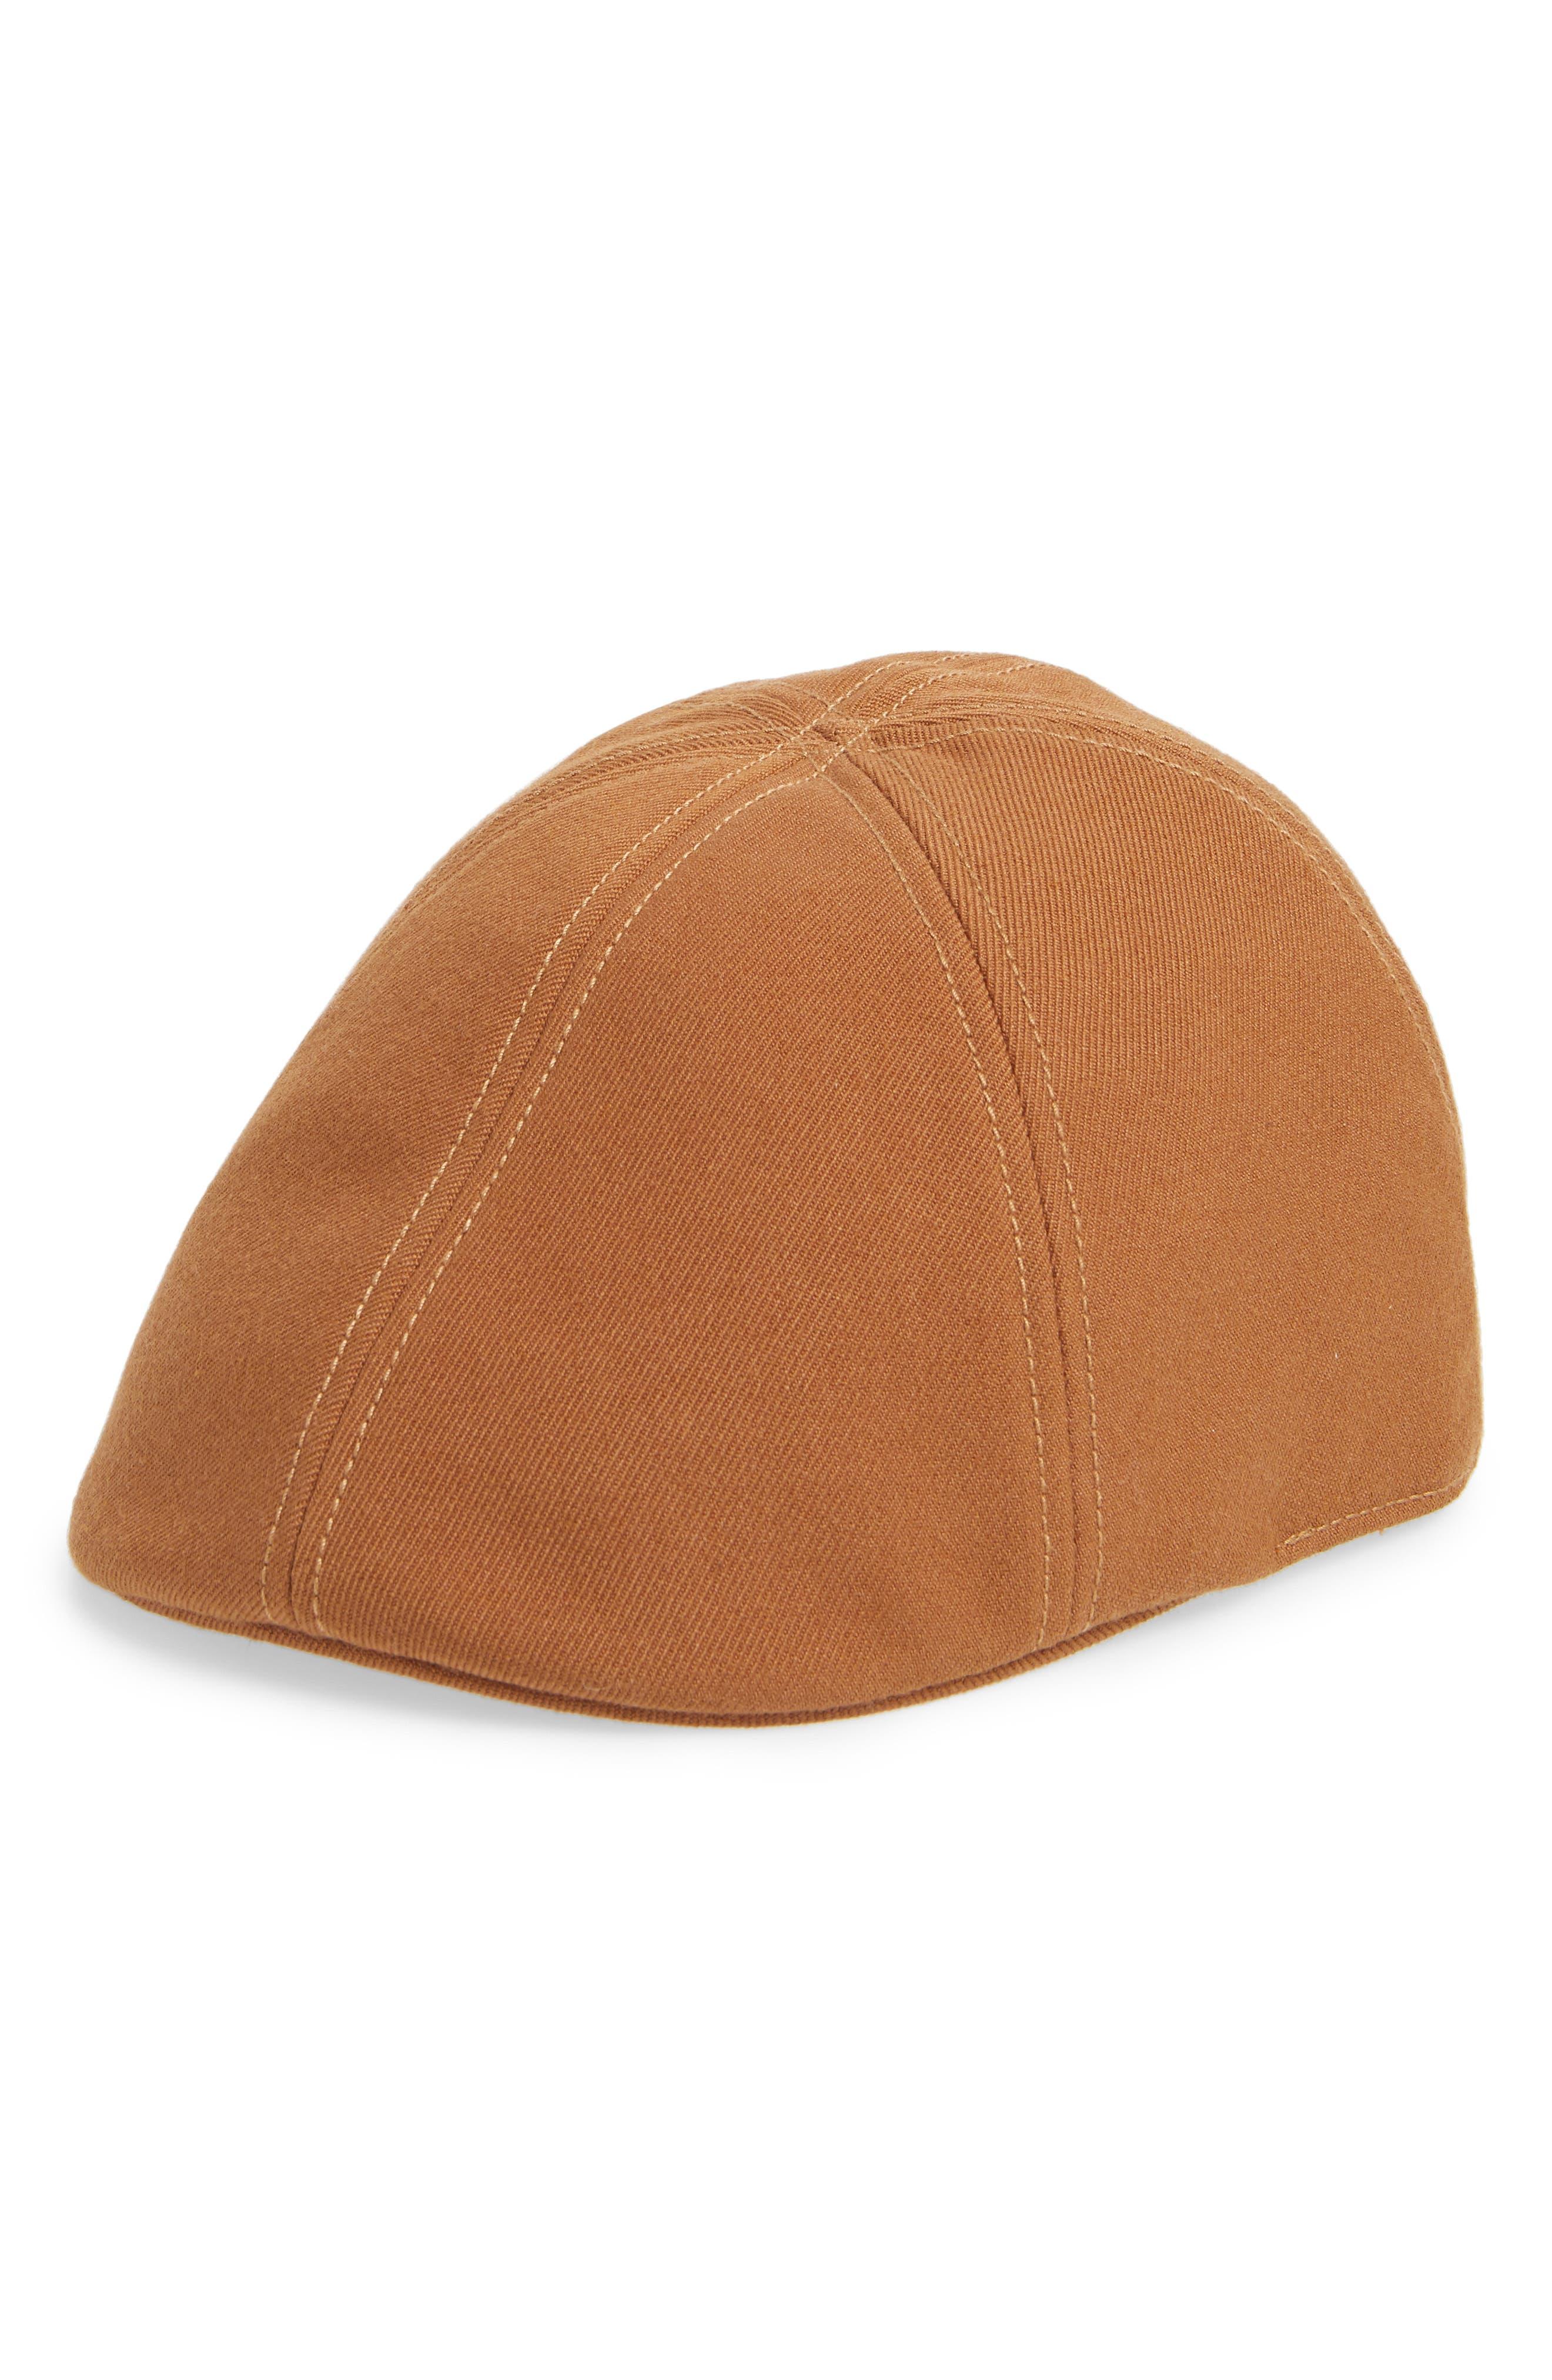 b63de19aeee05 Men s Newsboy Hats